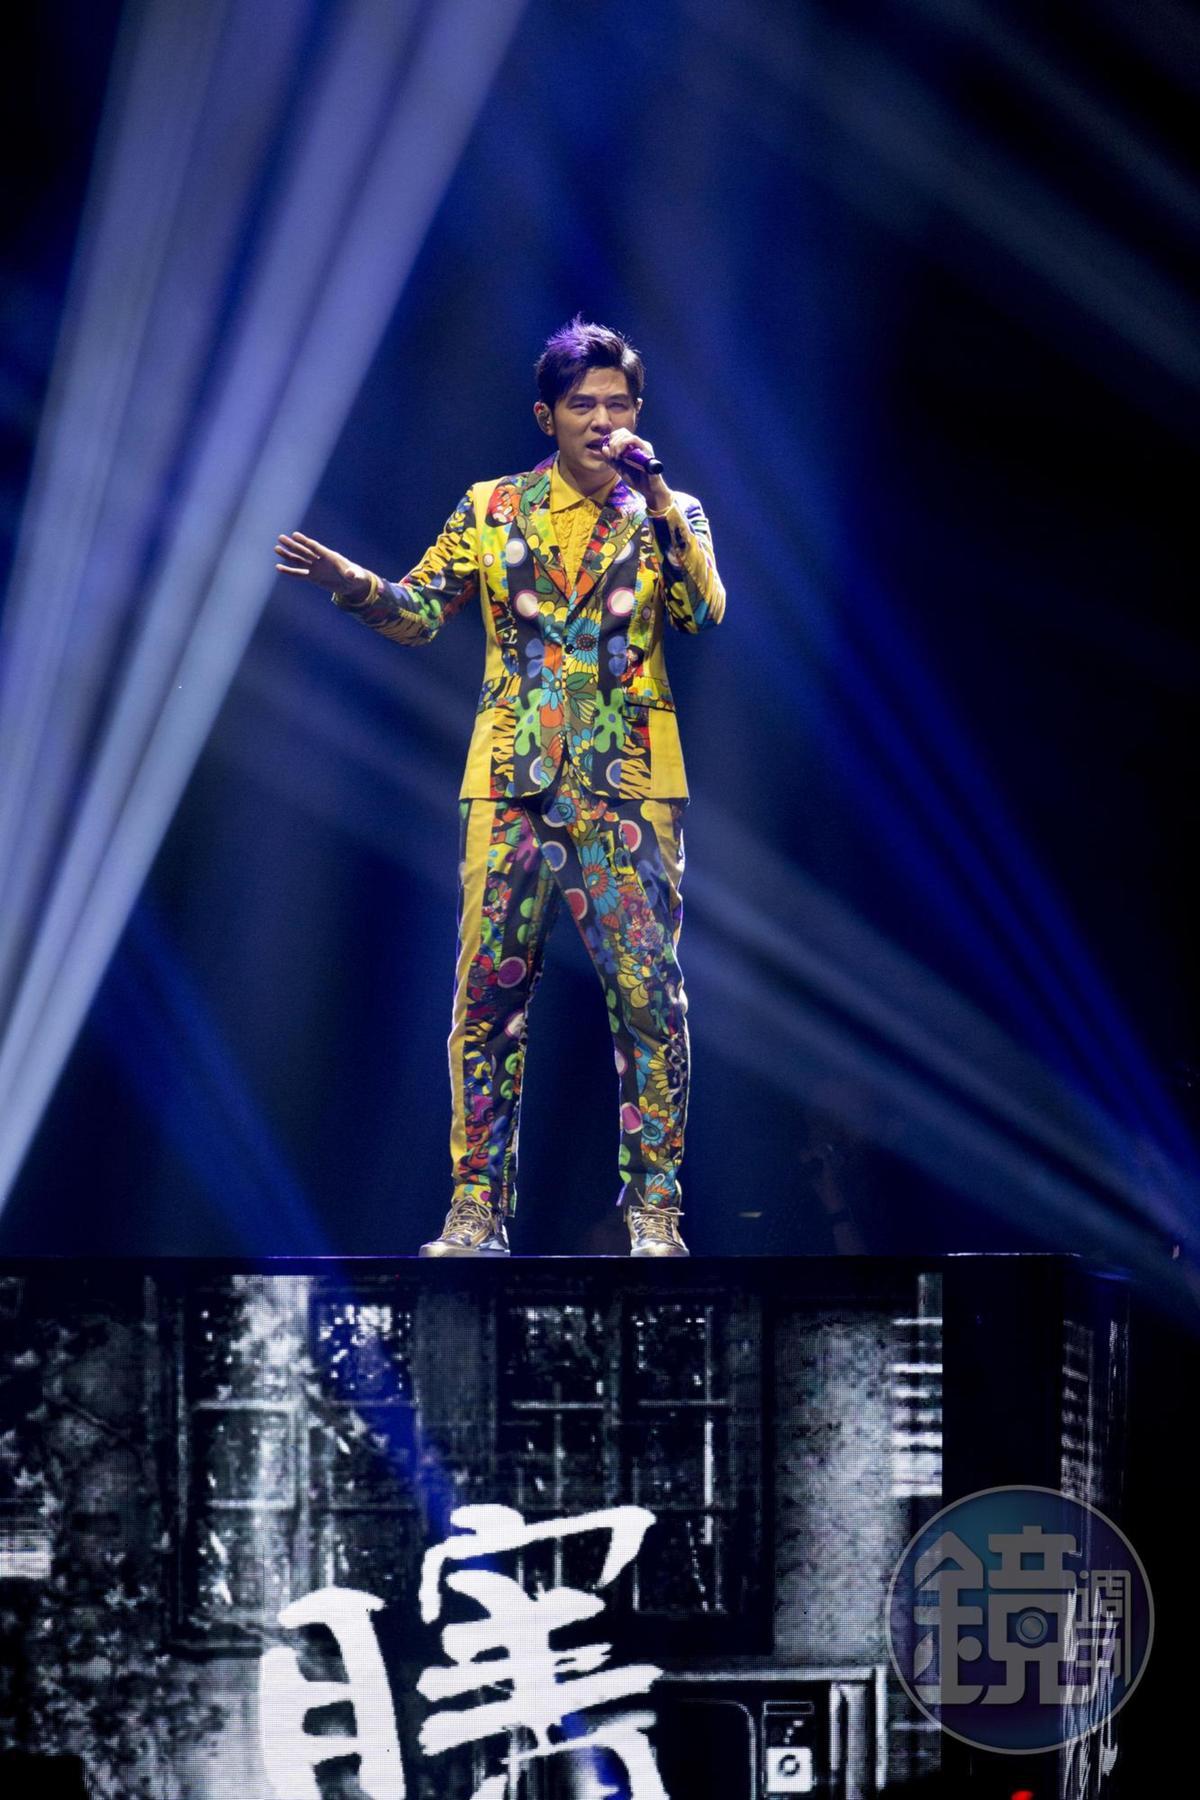 中國90後粉絲認為,如今的周杰倫已不是當初的他了。